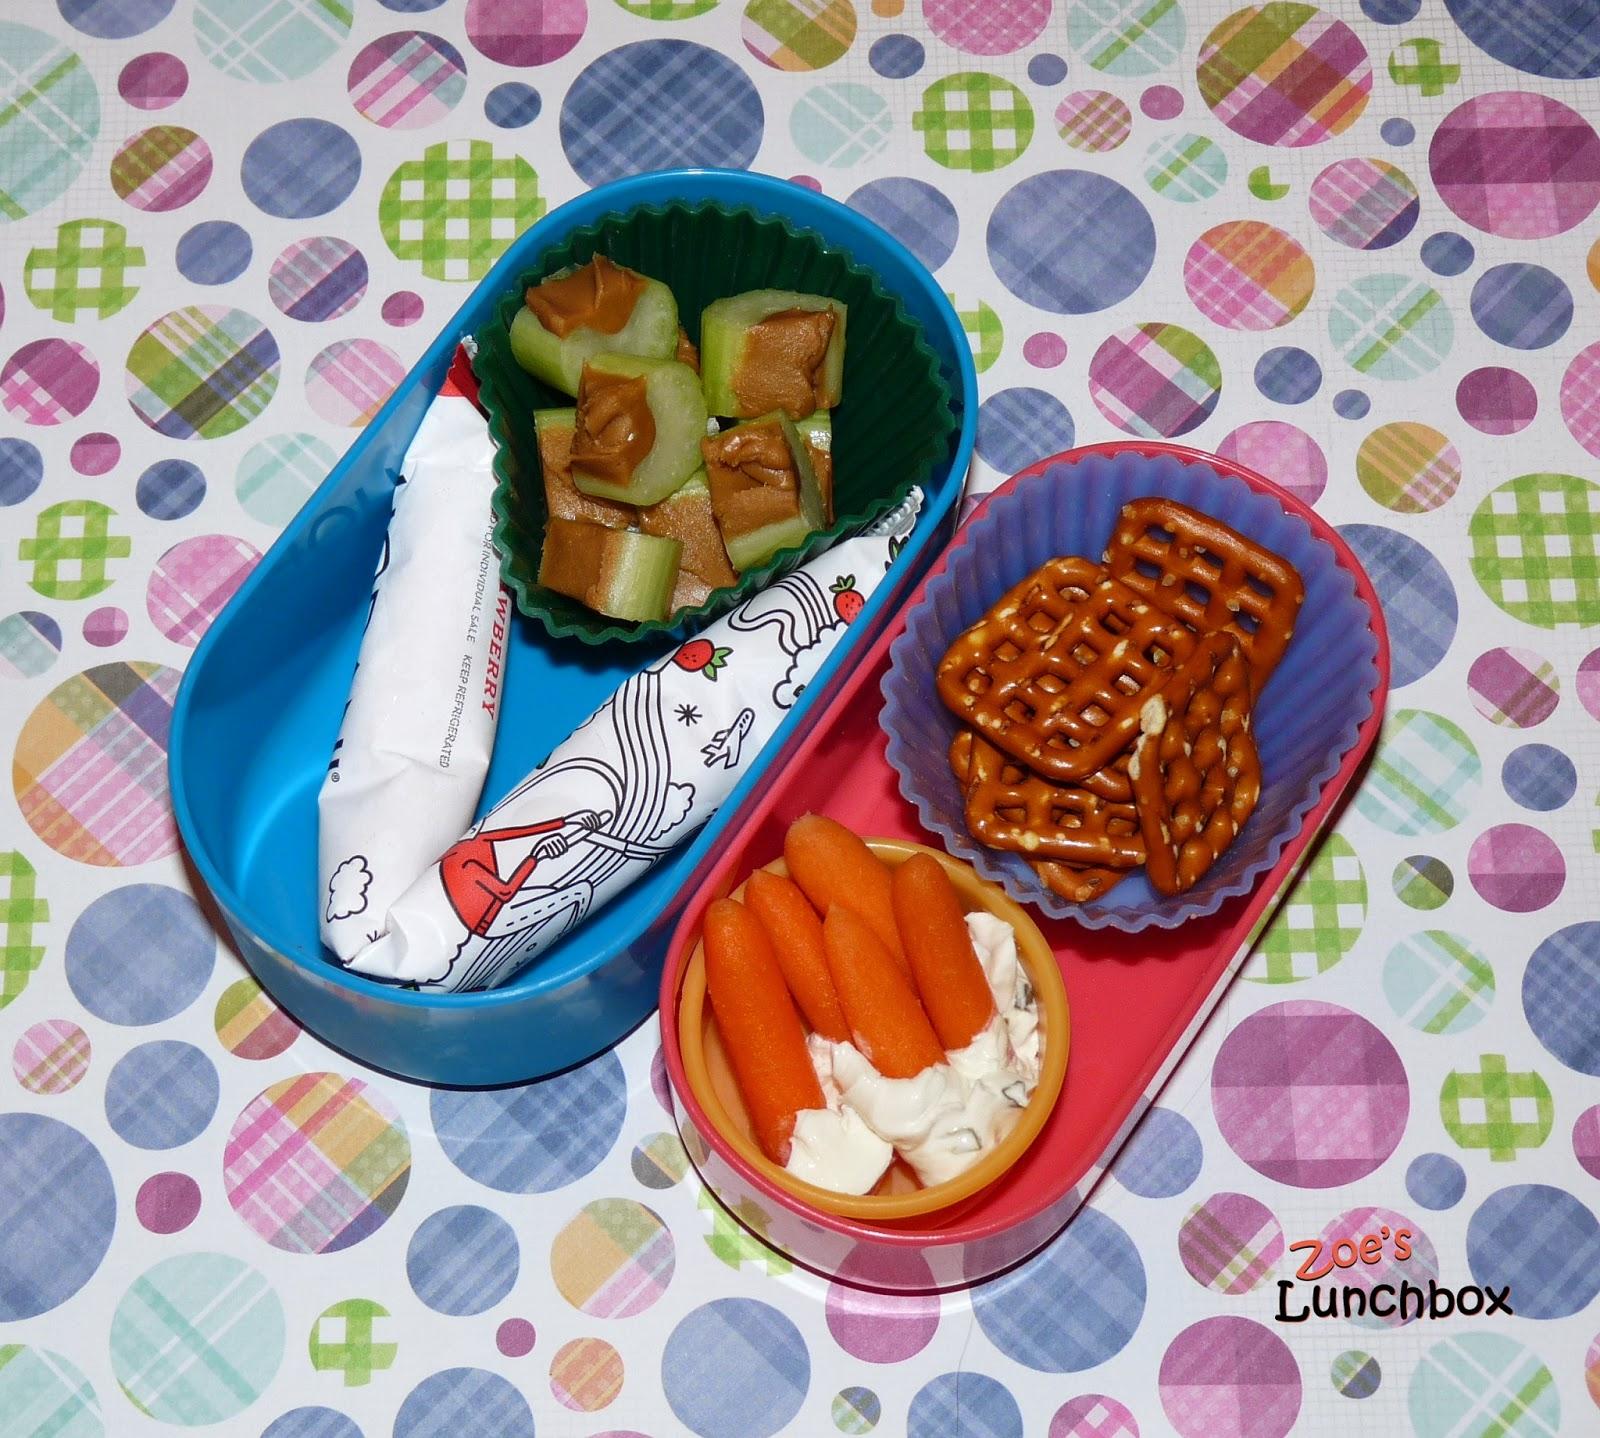 Kindergarten snack boxes